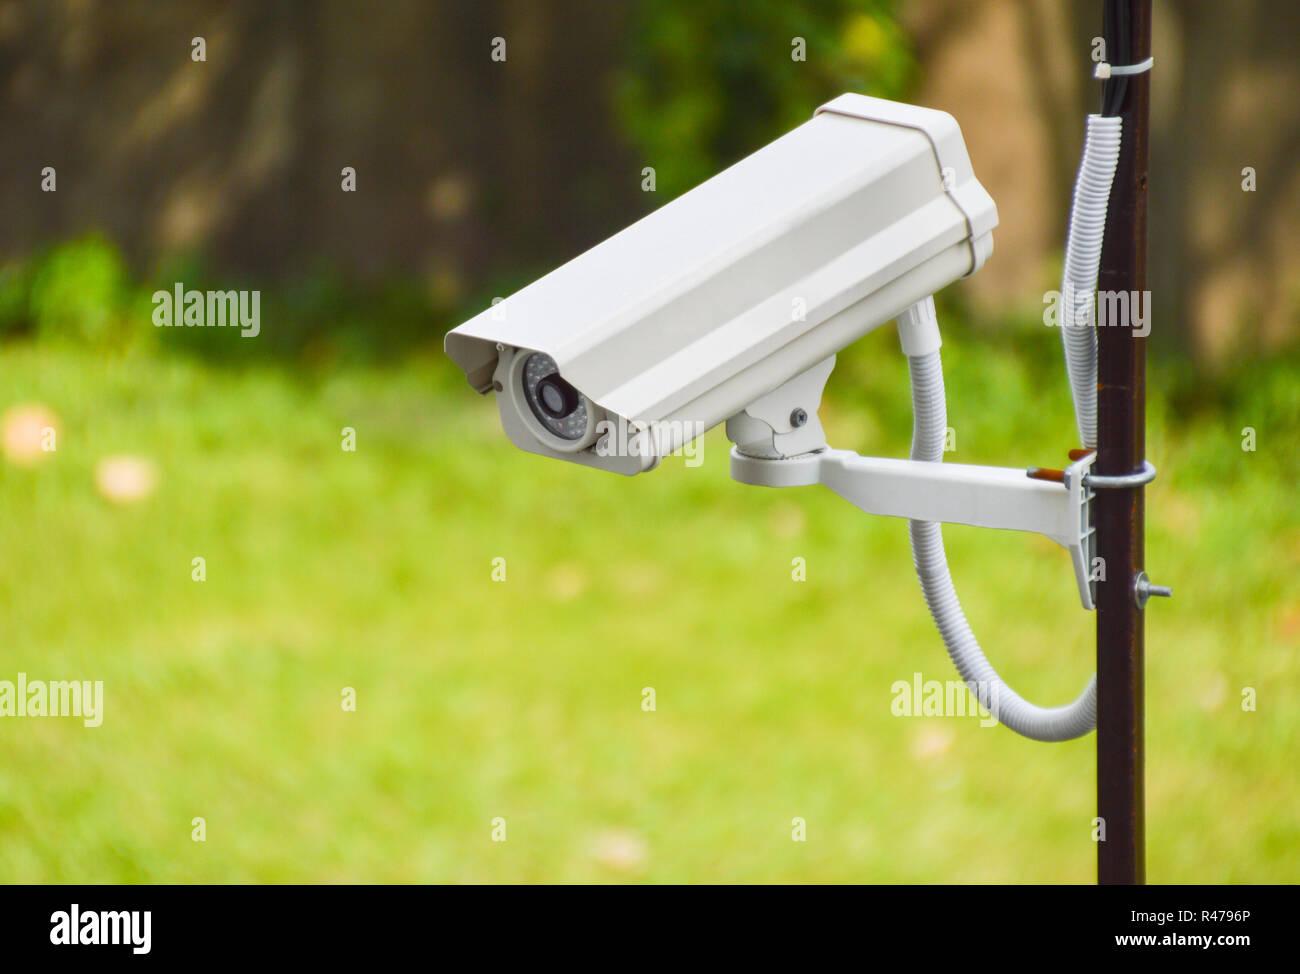 CCTV at wall - Stock Image